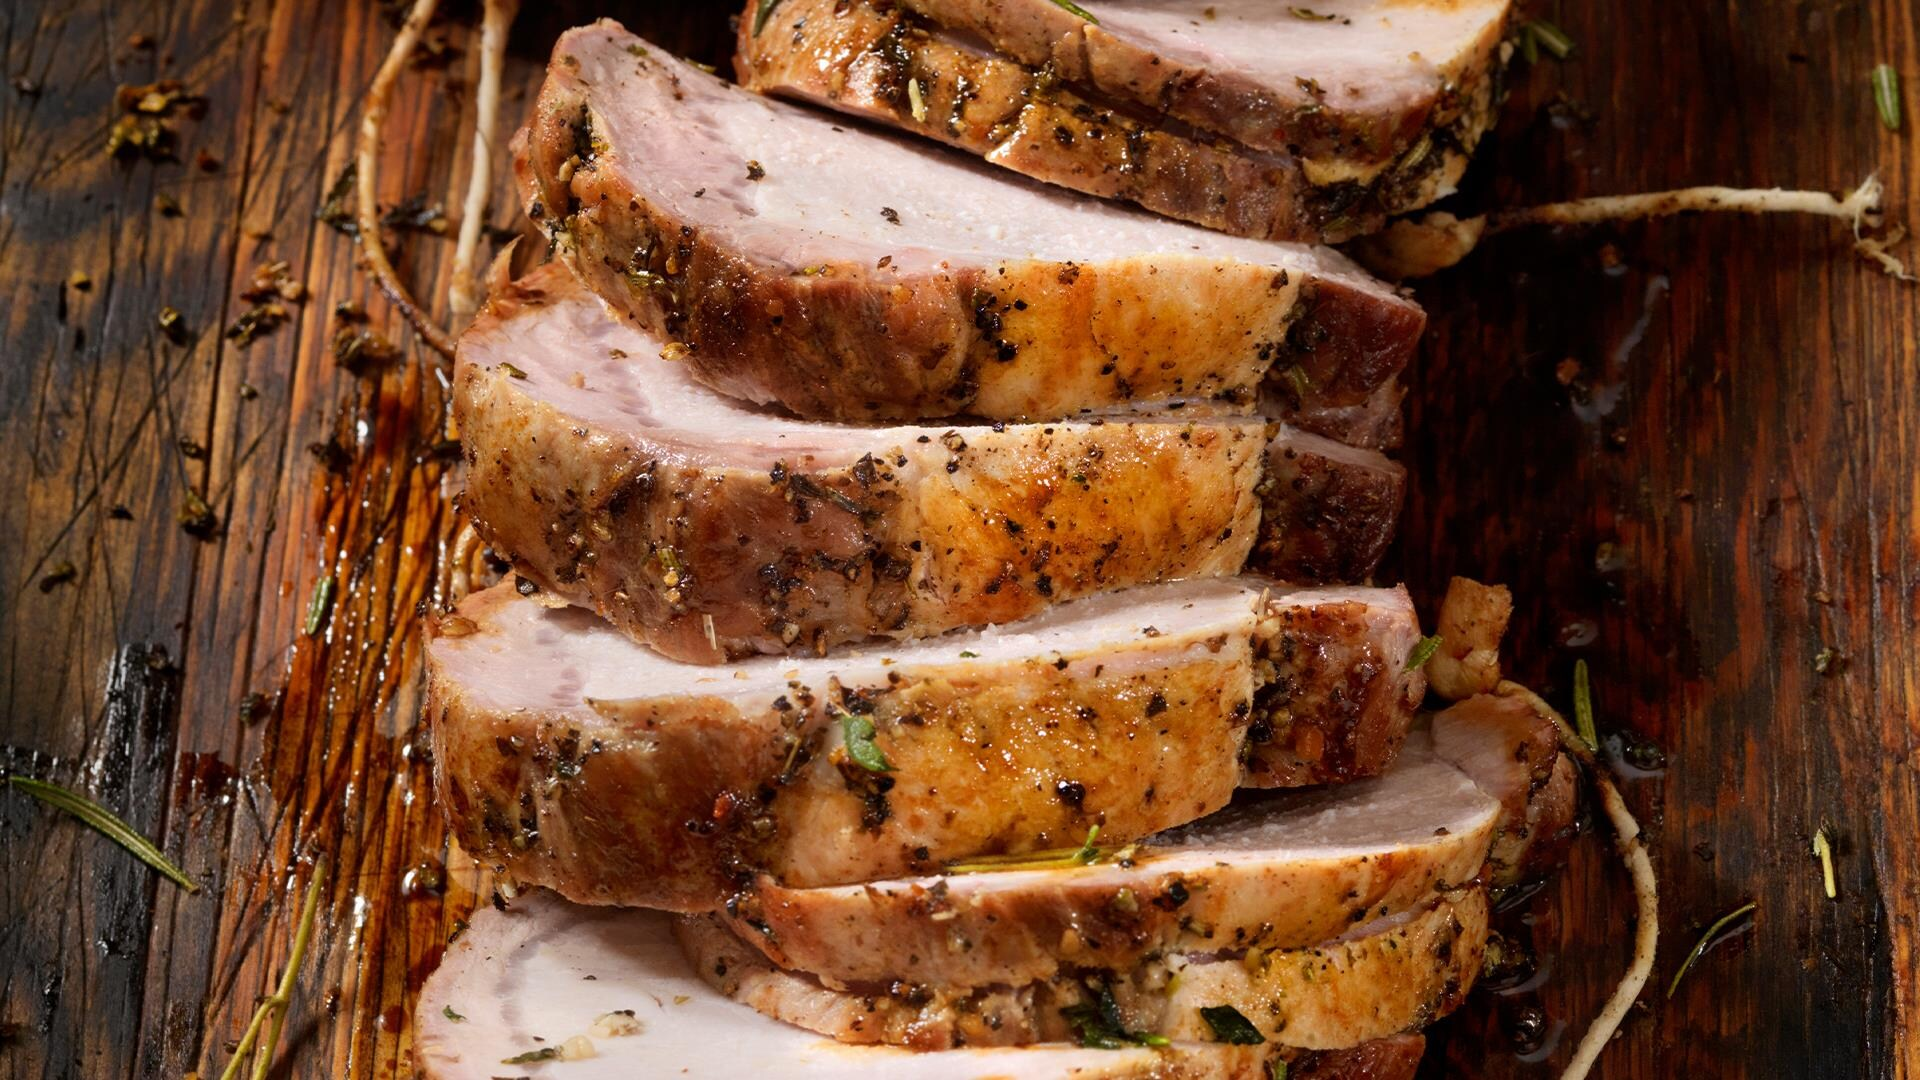 Tranches de porc rôti, garni de fines herbes et de poivre.